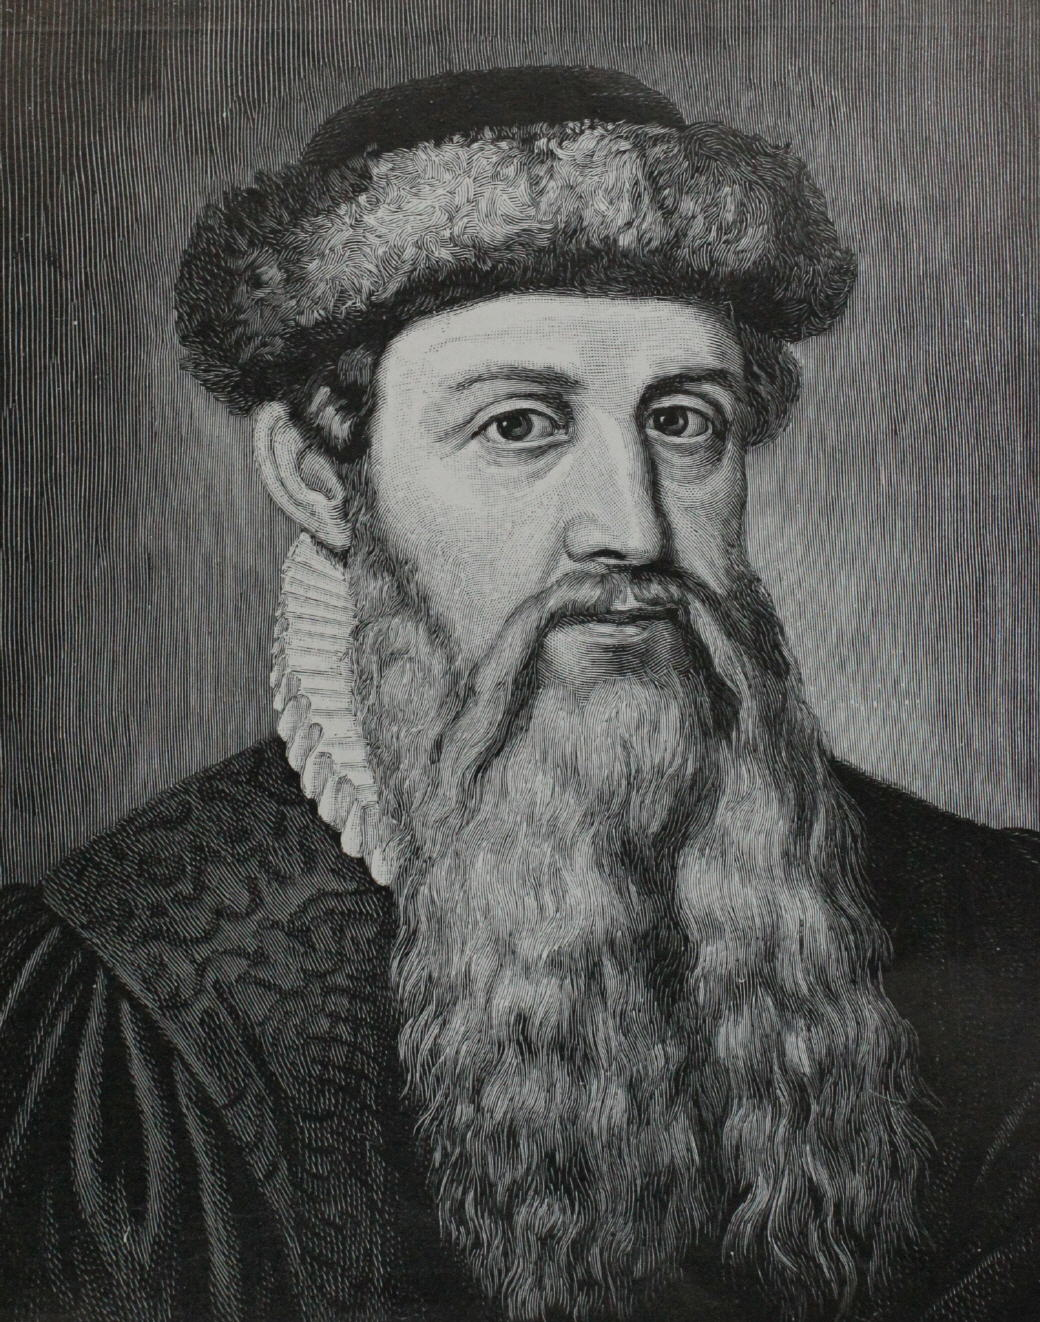 Un ritratto di Gutenberg